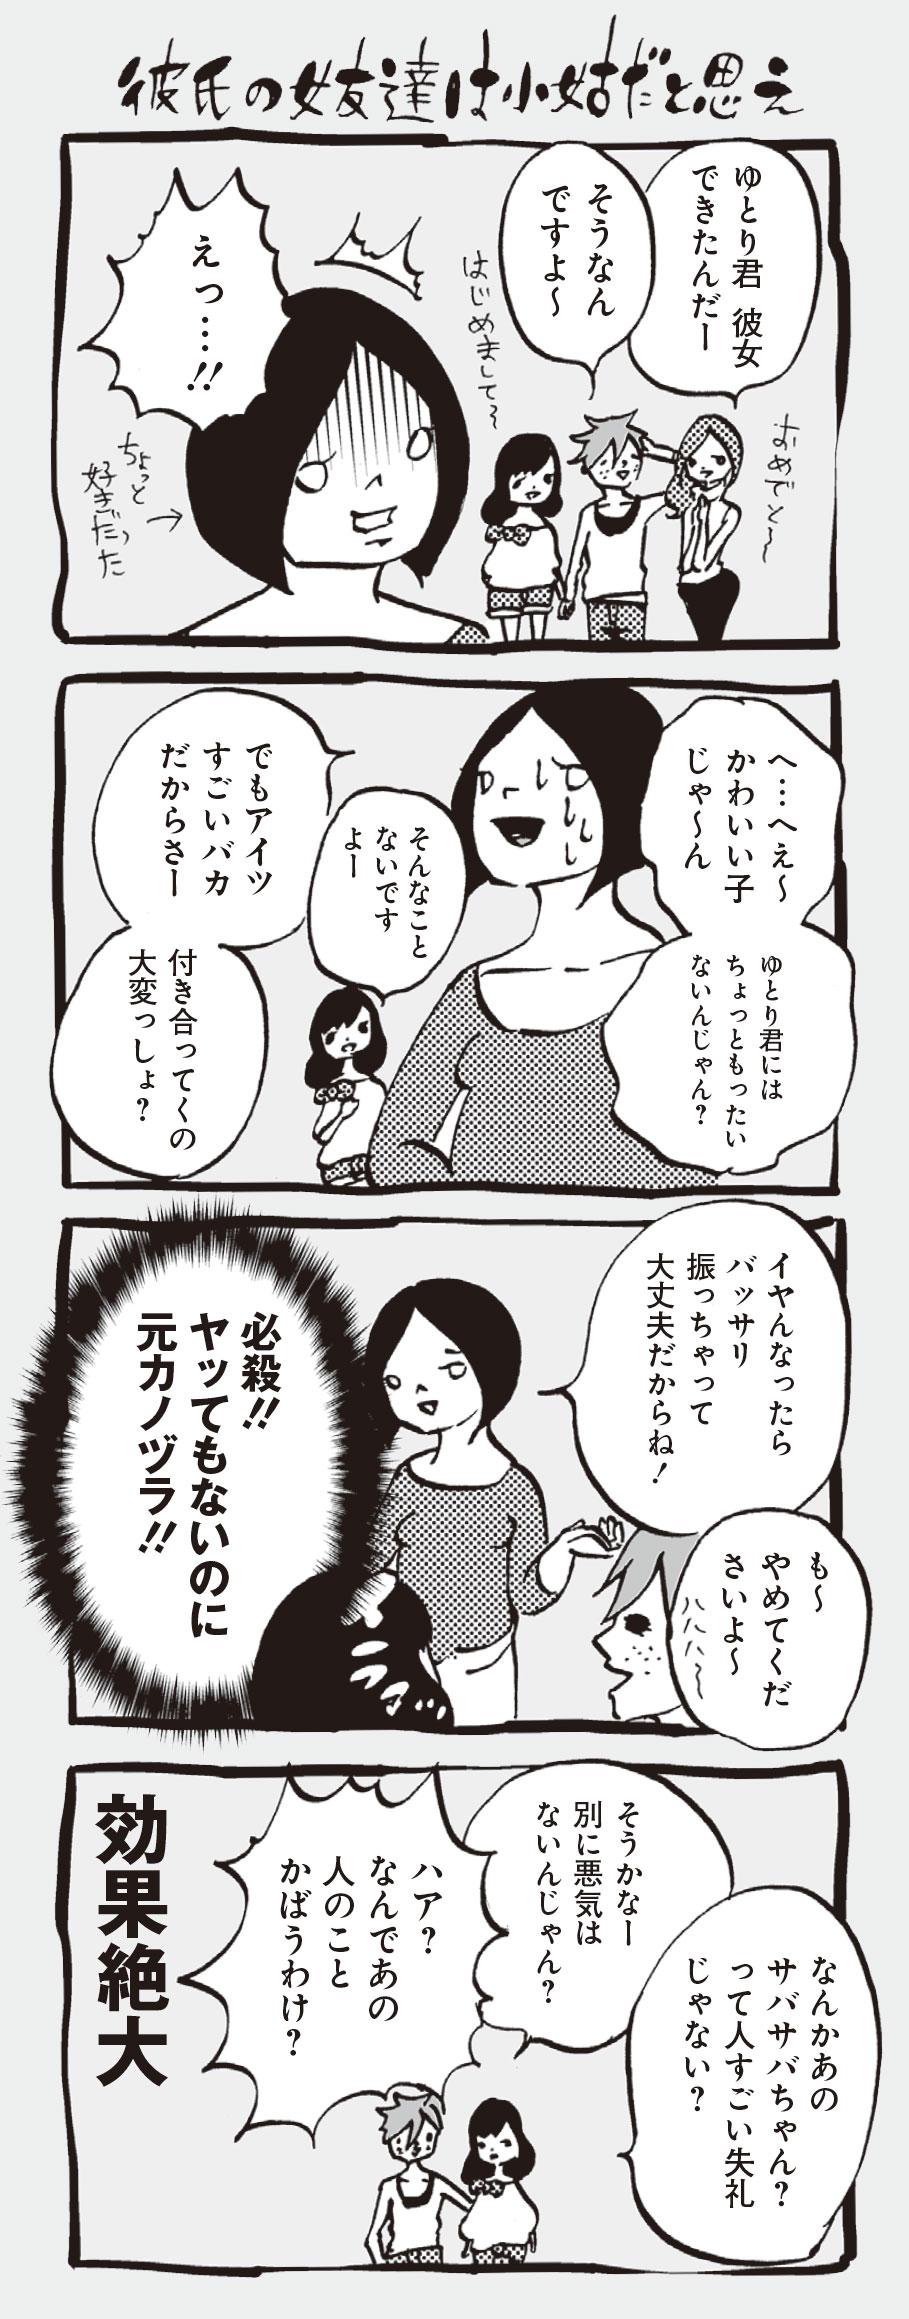 アラサーちゃん名作集35